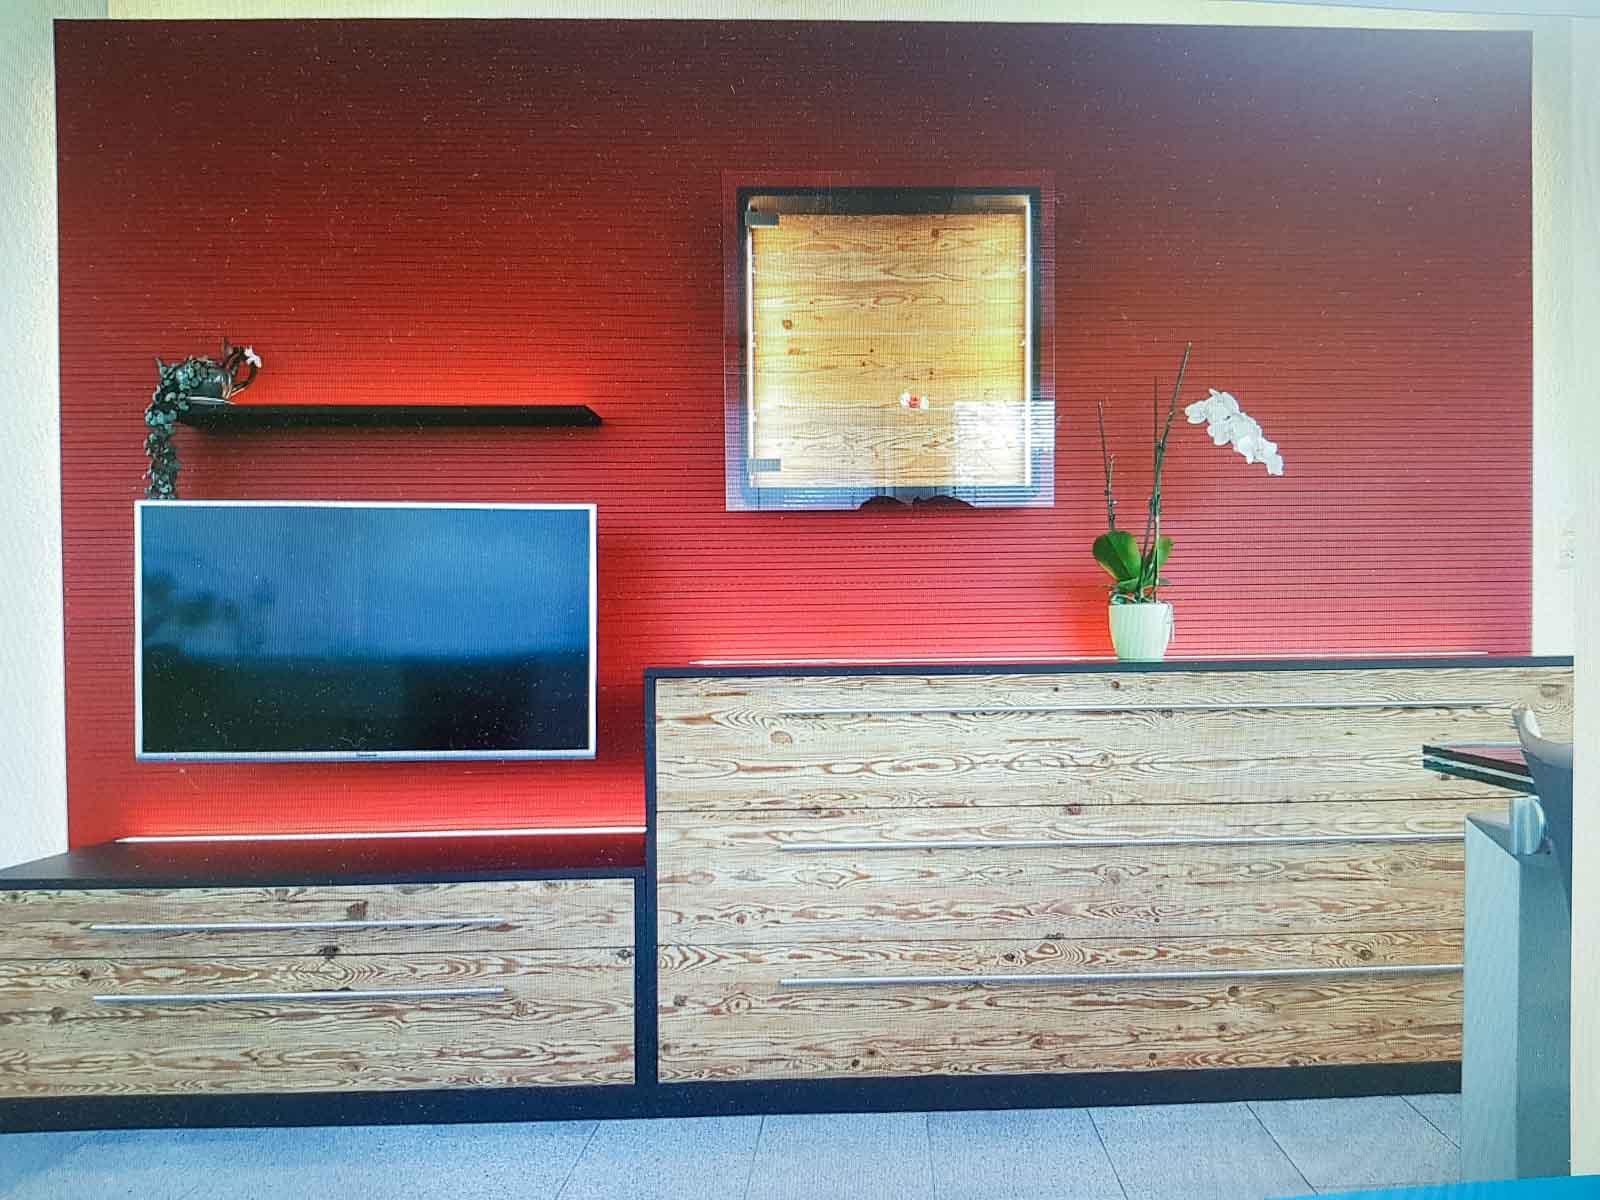 Wooddesign_Wohnzimmermöbel_rot_Altholz_Schallabsorption_Schalldämmung_Fernsehmöbel (1)